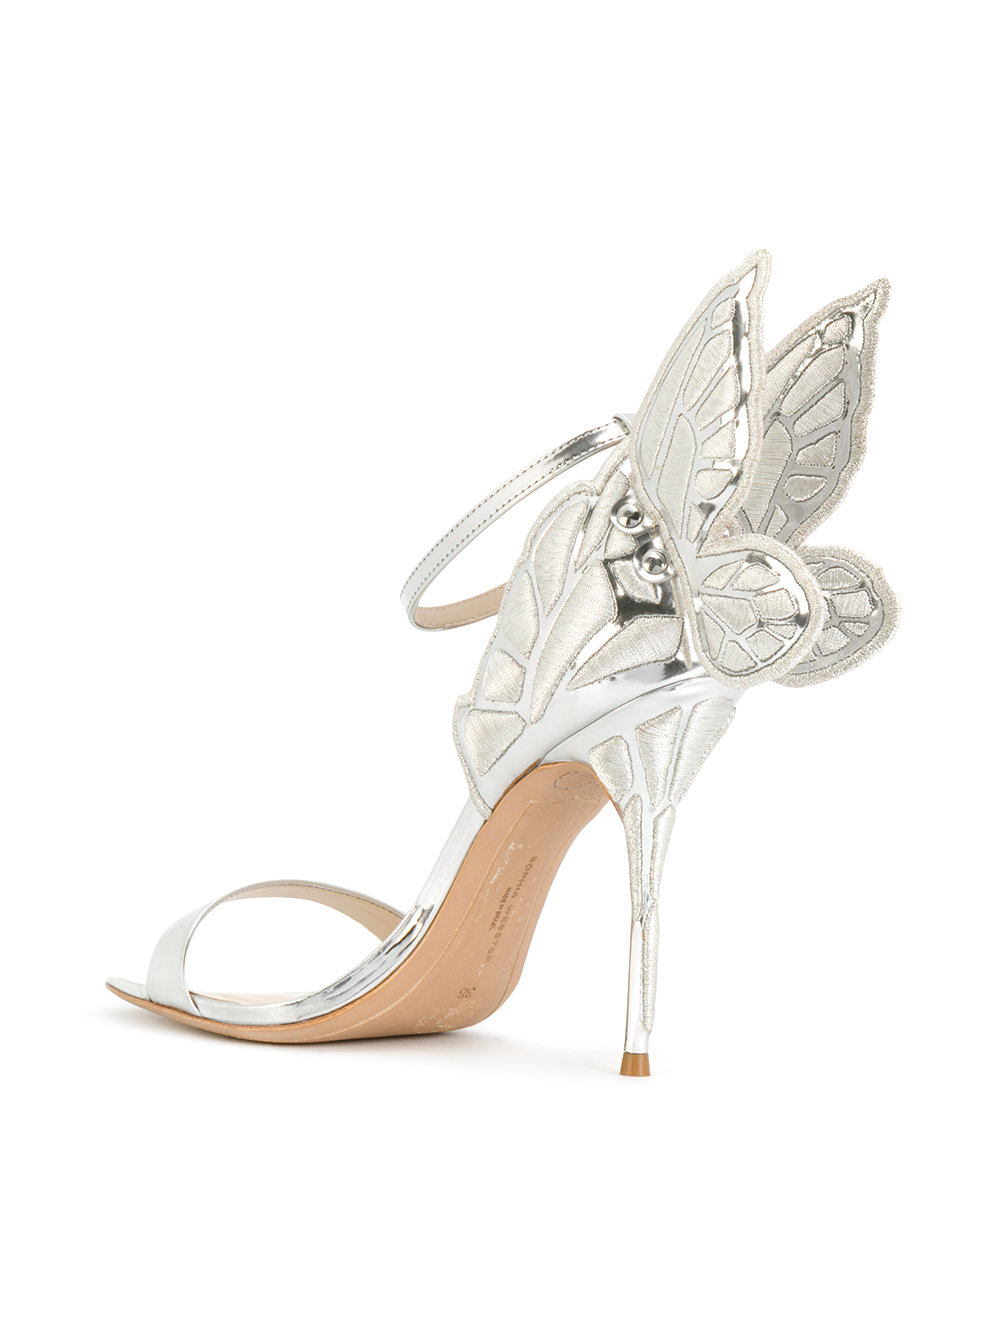 SOPHIA WEBSTER sandals - $675